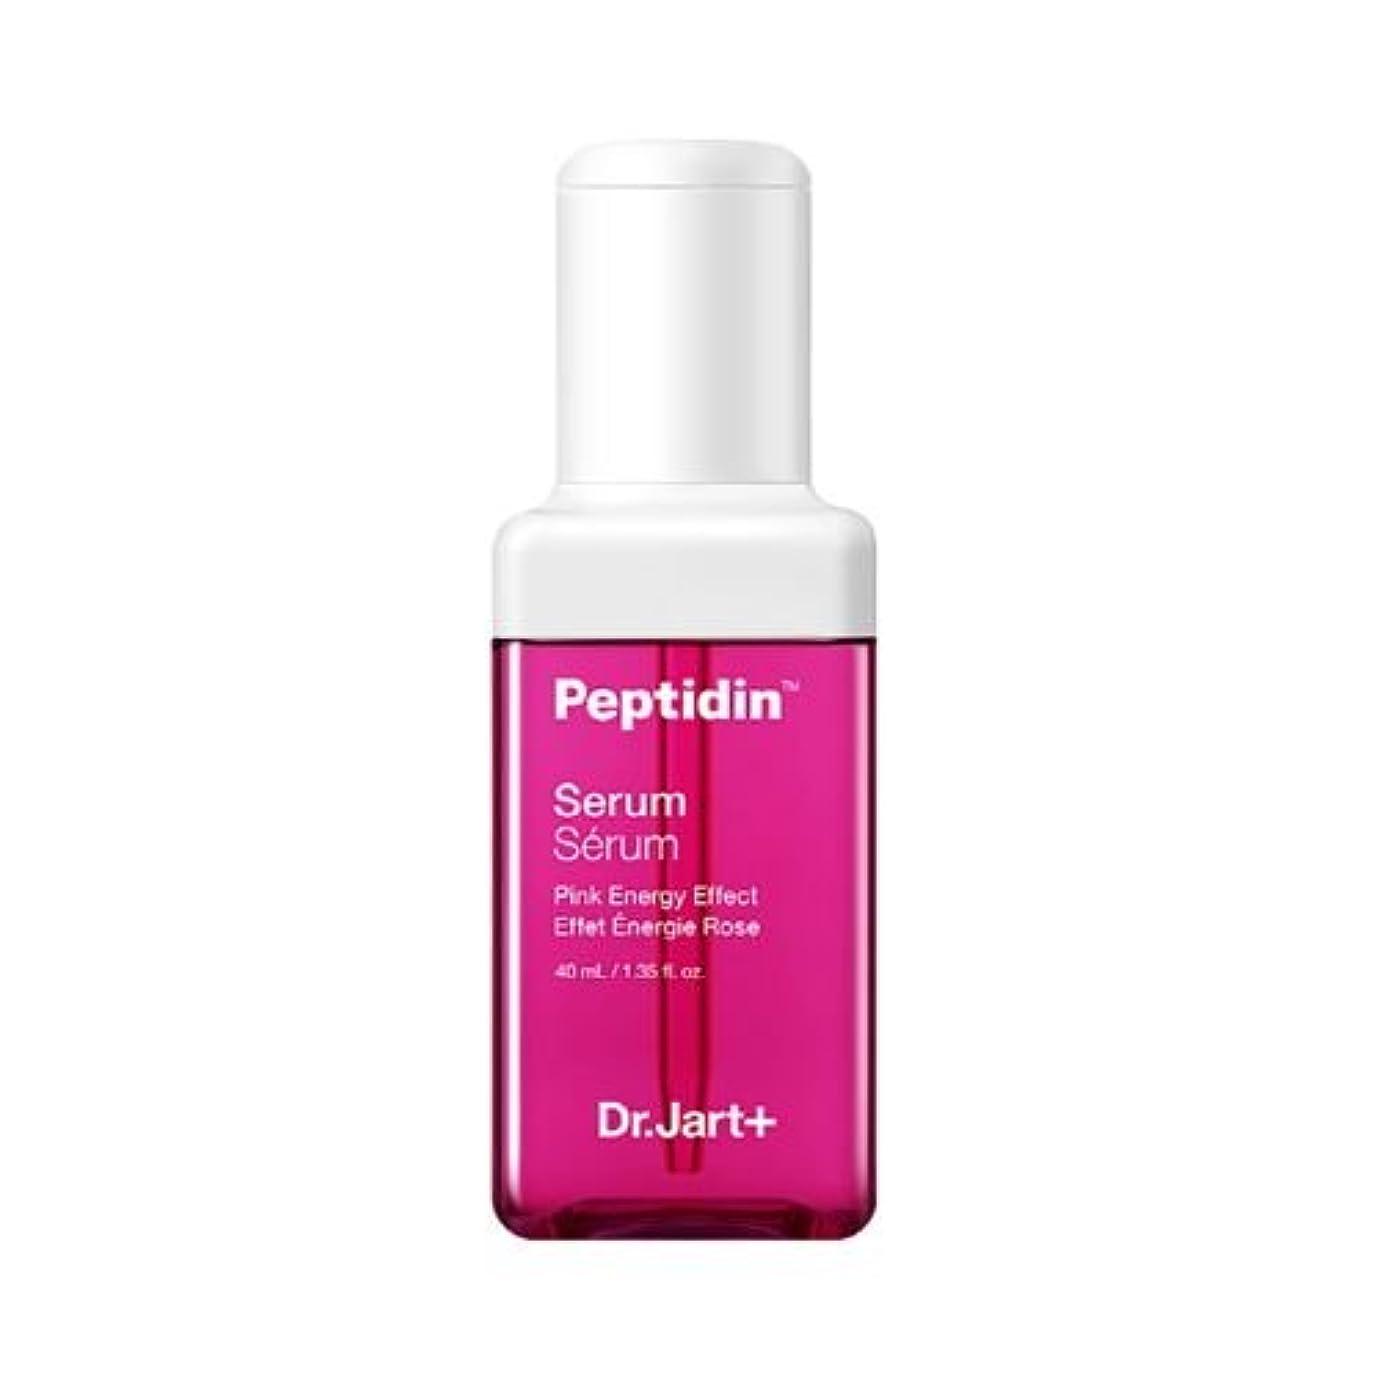 [DR Jart] Peptidin serum Pink Energy effect ドクタージャルトペプチドディーン セラムピンクエネルギー 40ml[海外直送品] [並行輸入品]